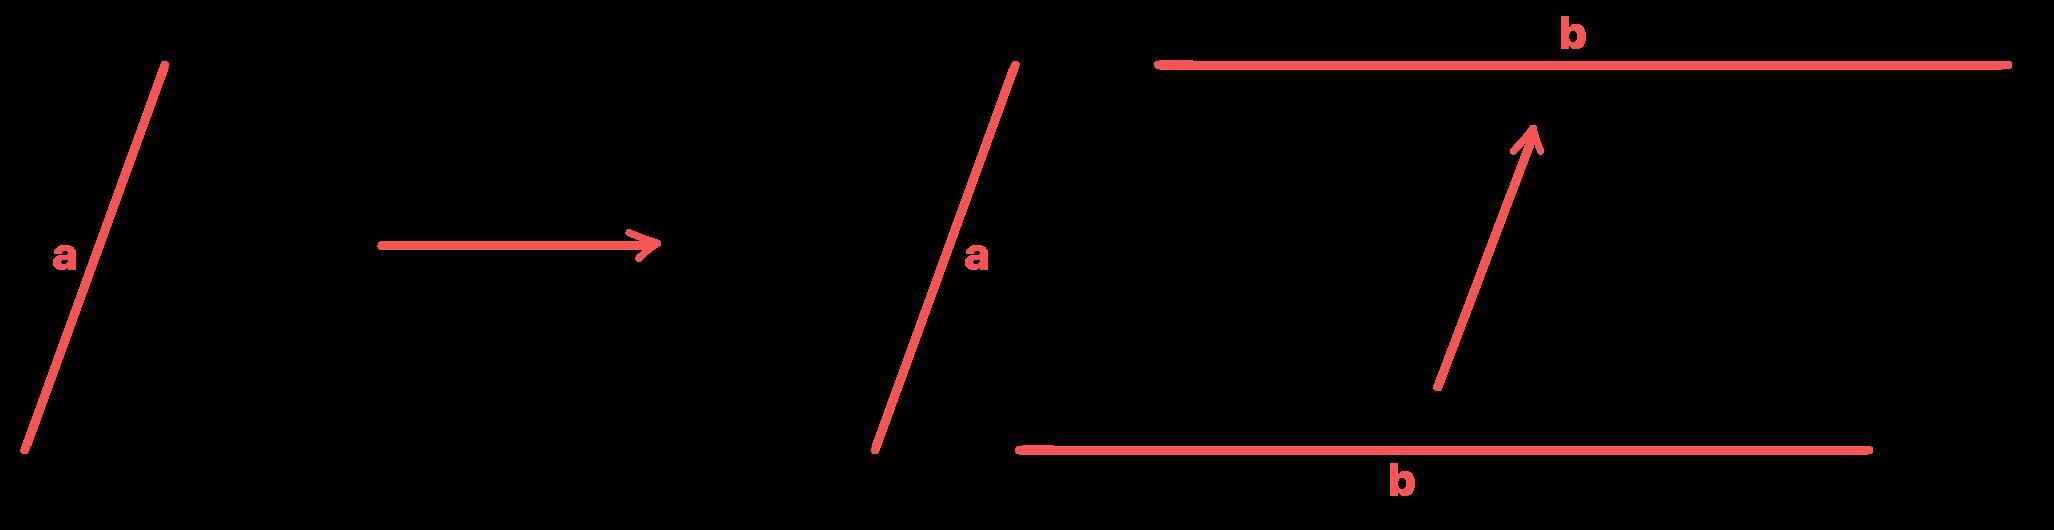 lados opostos do paralelogramo possuem as mesmas medidas a e b